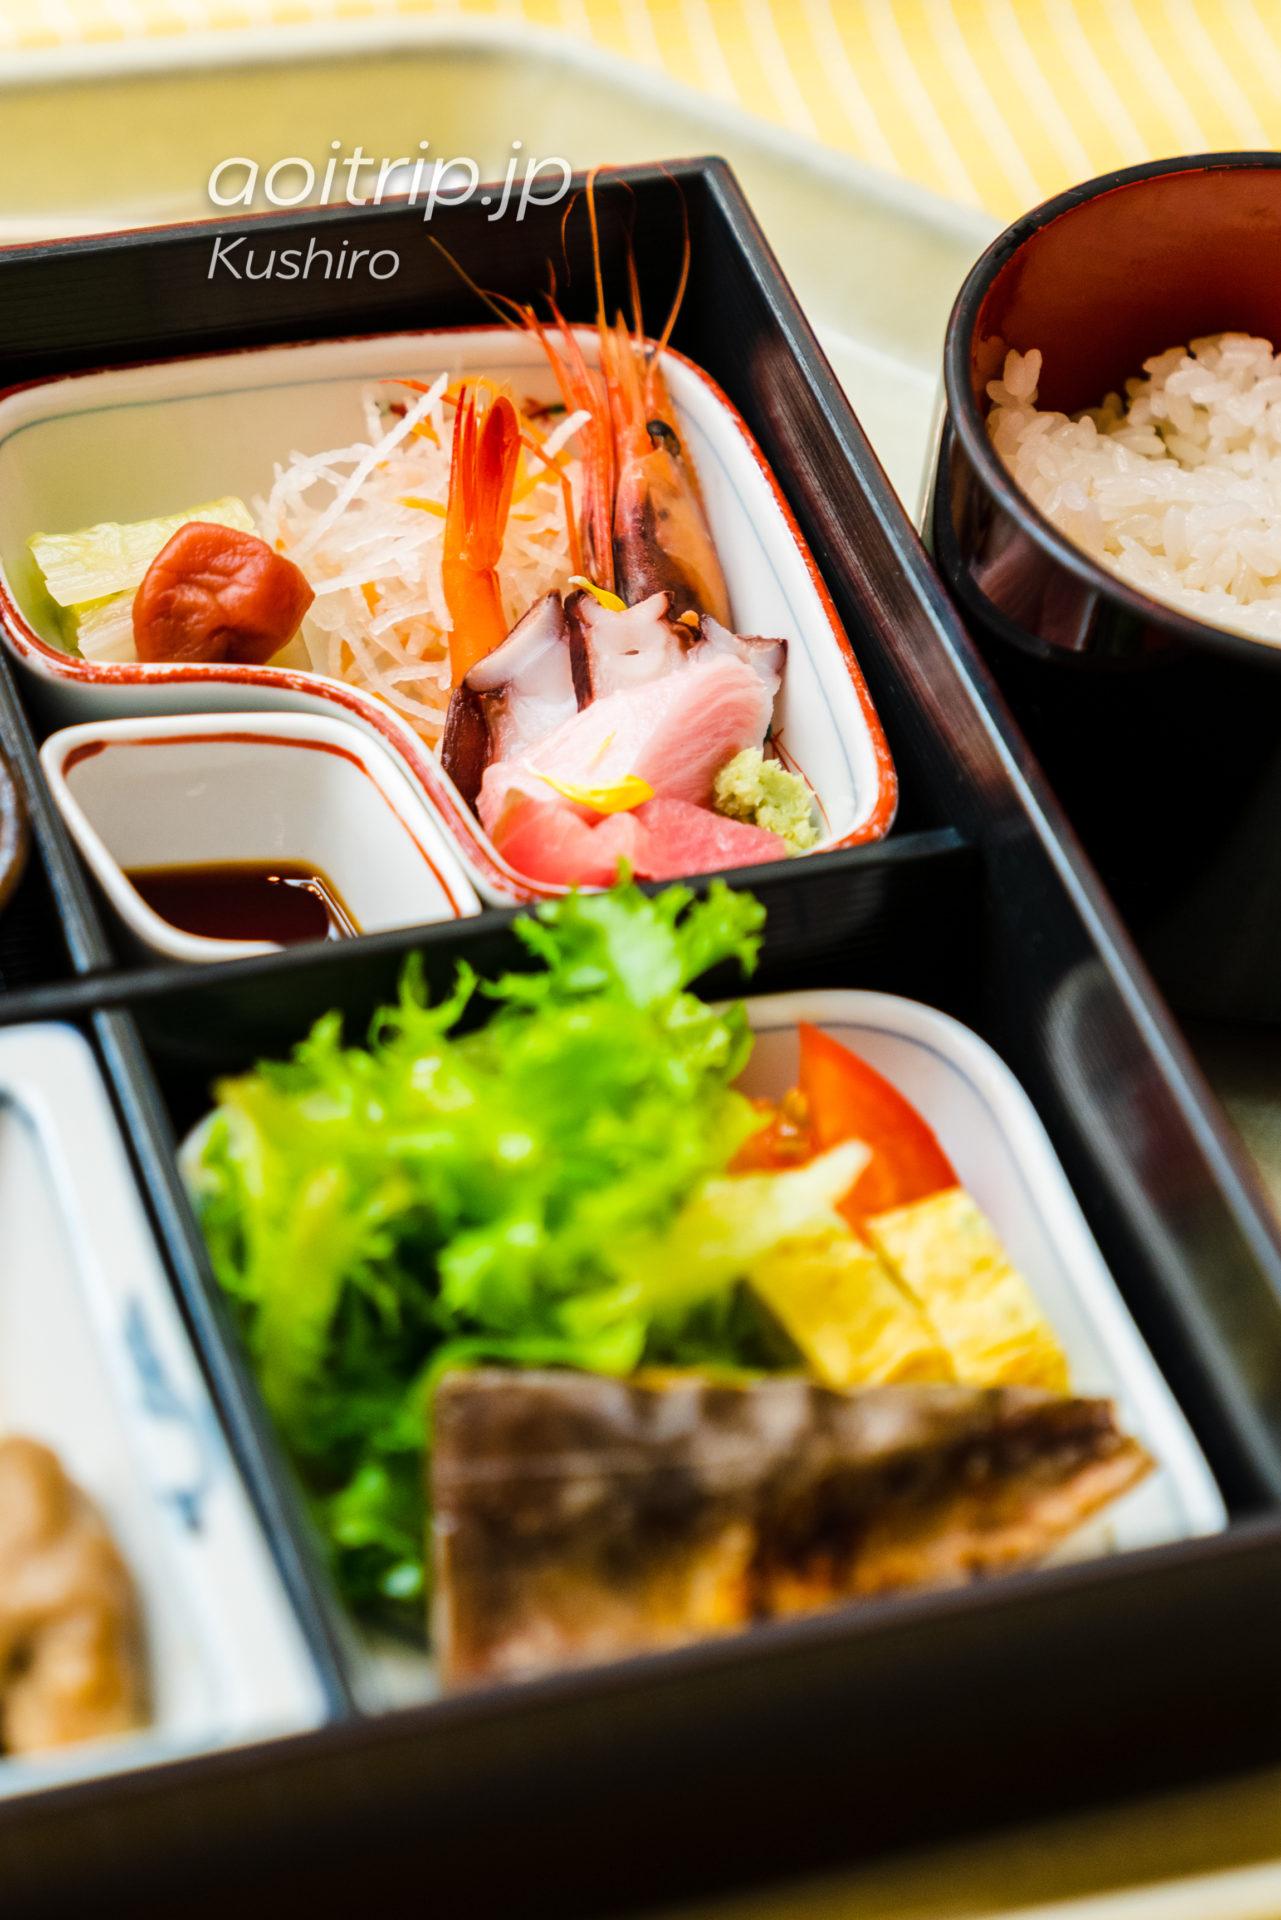 ANAクラウンプラザホテル釧路 ANA Crowne Plaza Hotel Kushiro 朝食の和定食